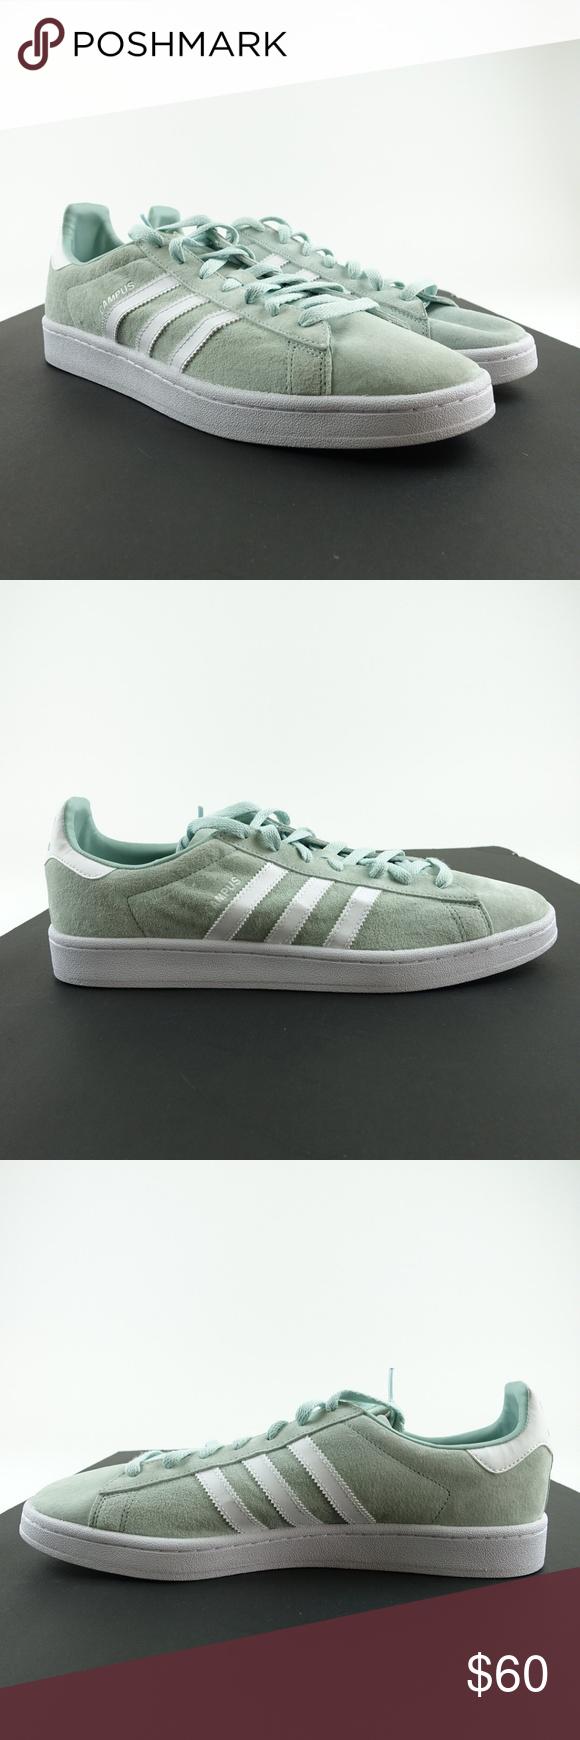 Adidas Men's Campus Shoes Size 11 R4S10